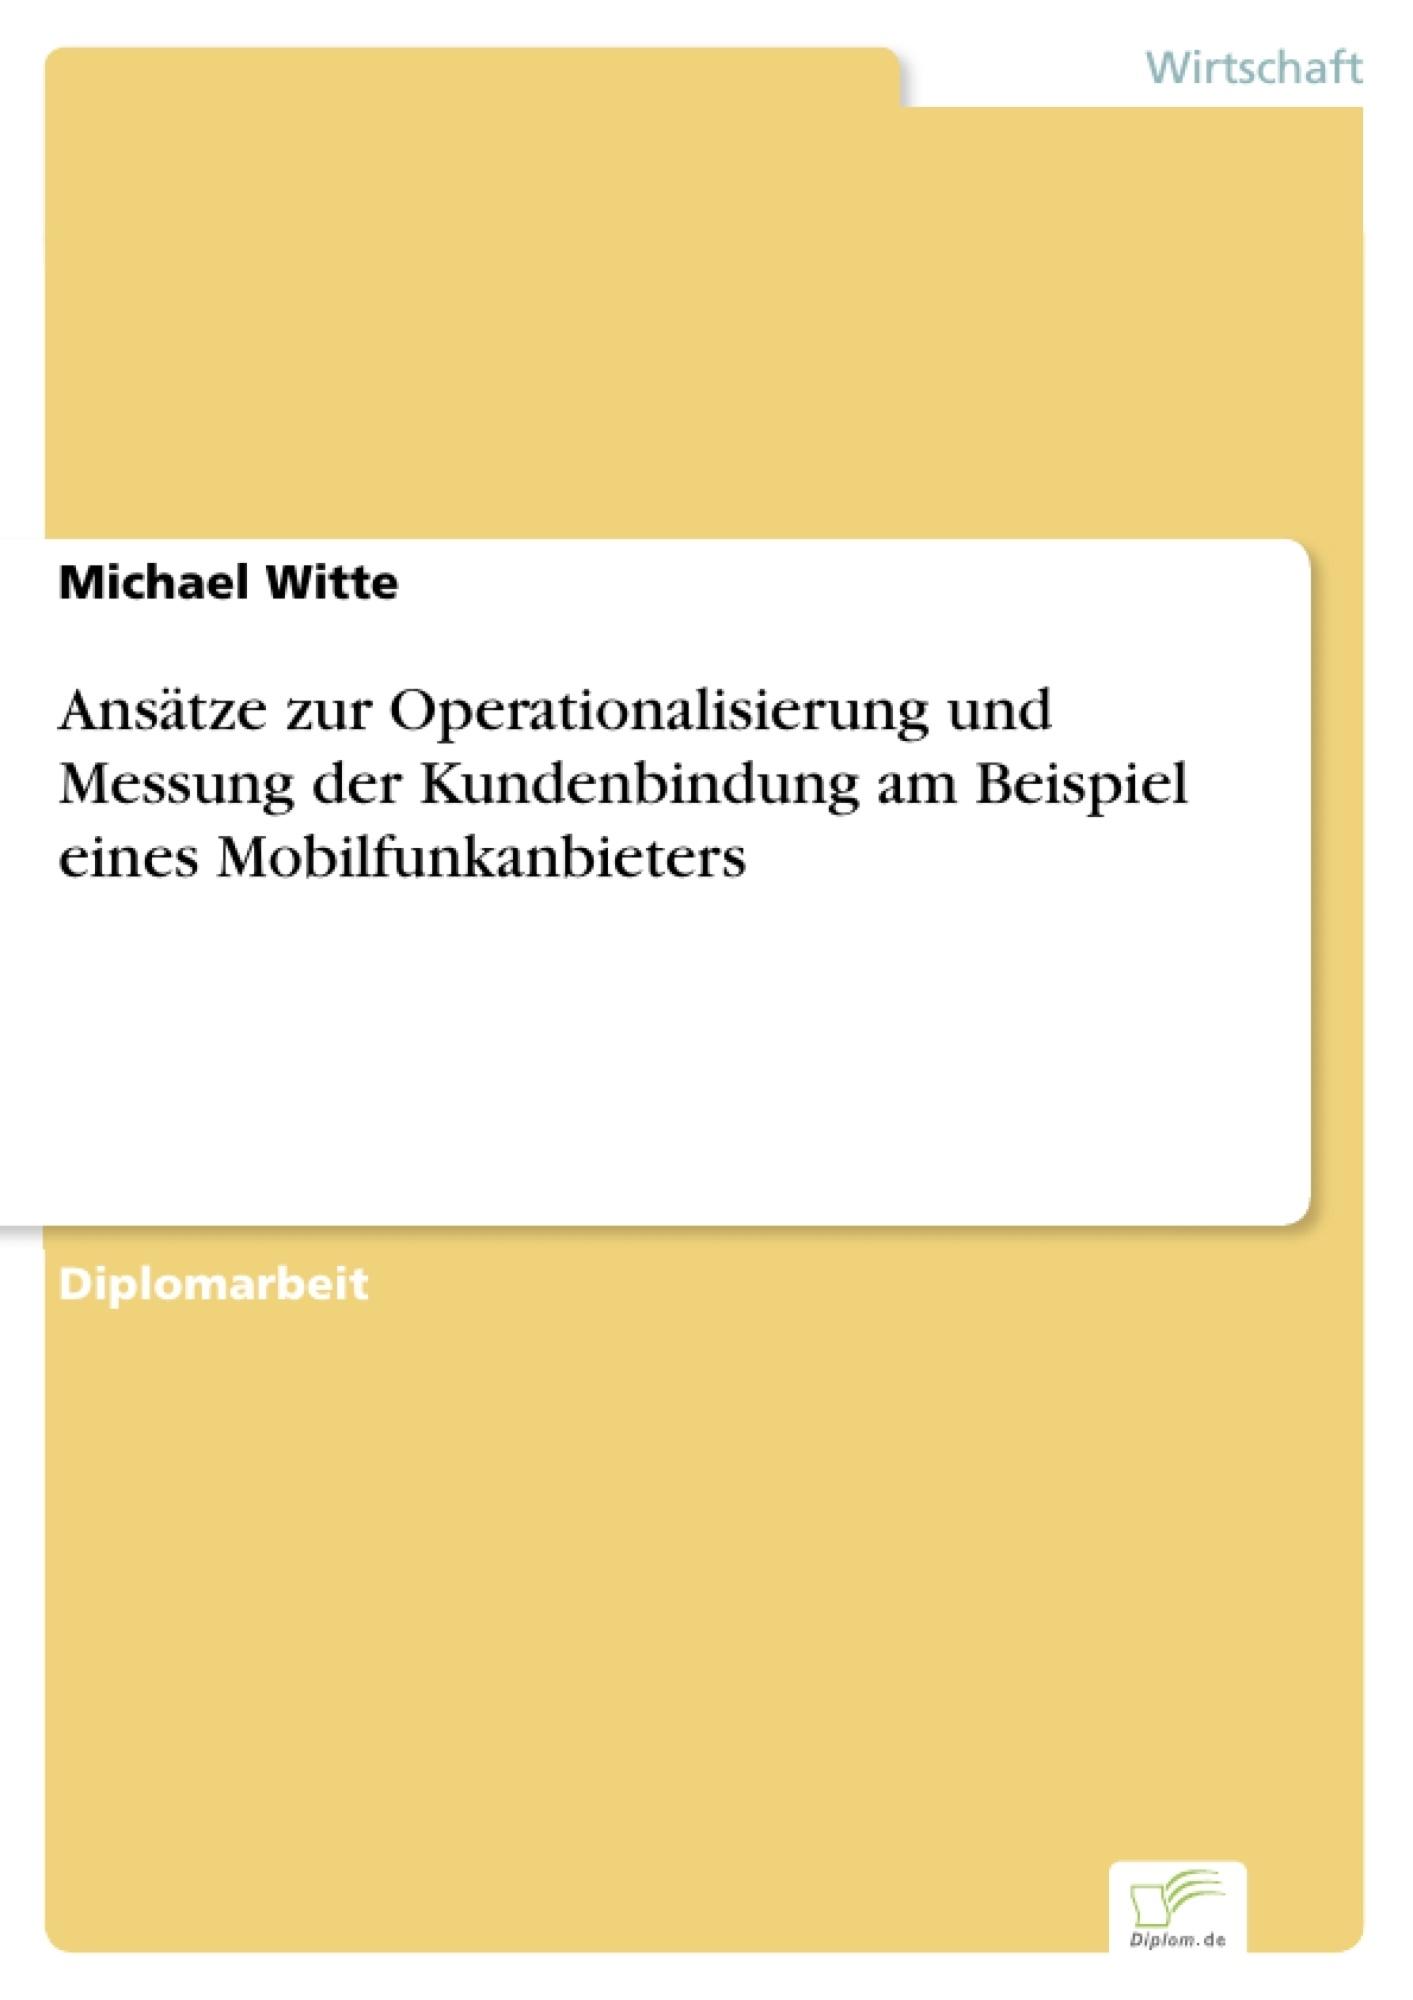 Bachelorarbeit operationalisierung beispiel summary oedipus the king